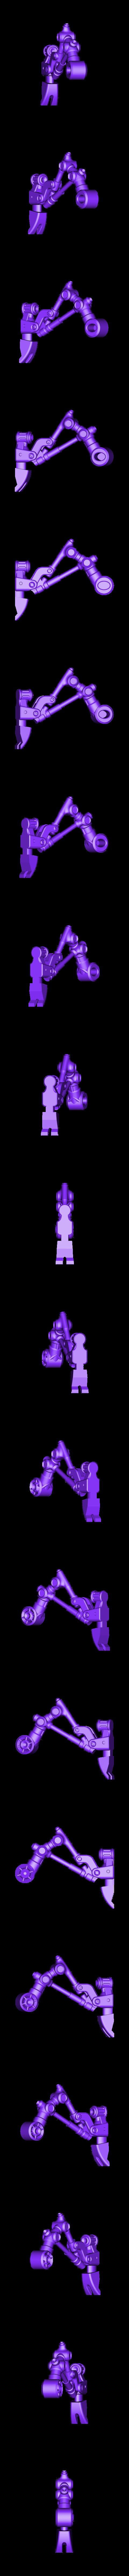 leg-left.stl Télécharger fichier STL gratuit Marcheur de déchets • Design à imprimer en 3D, ferjerez3d